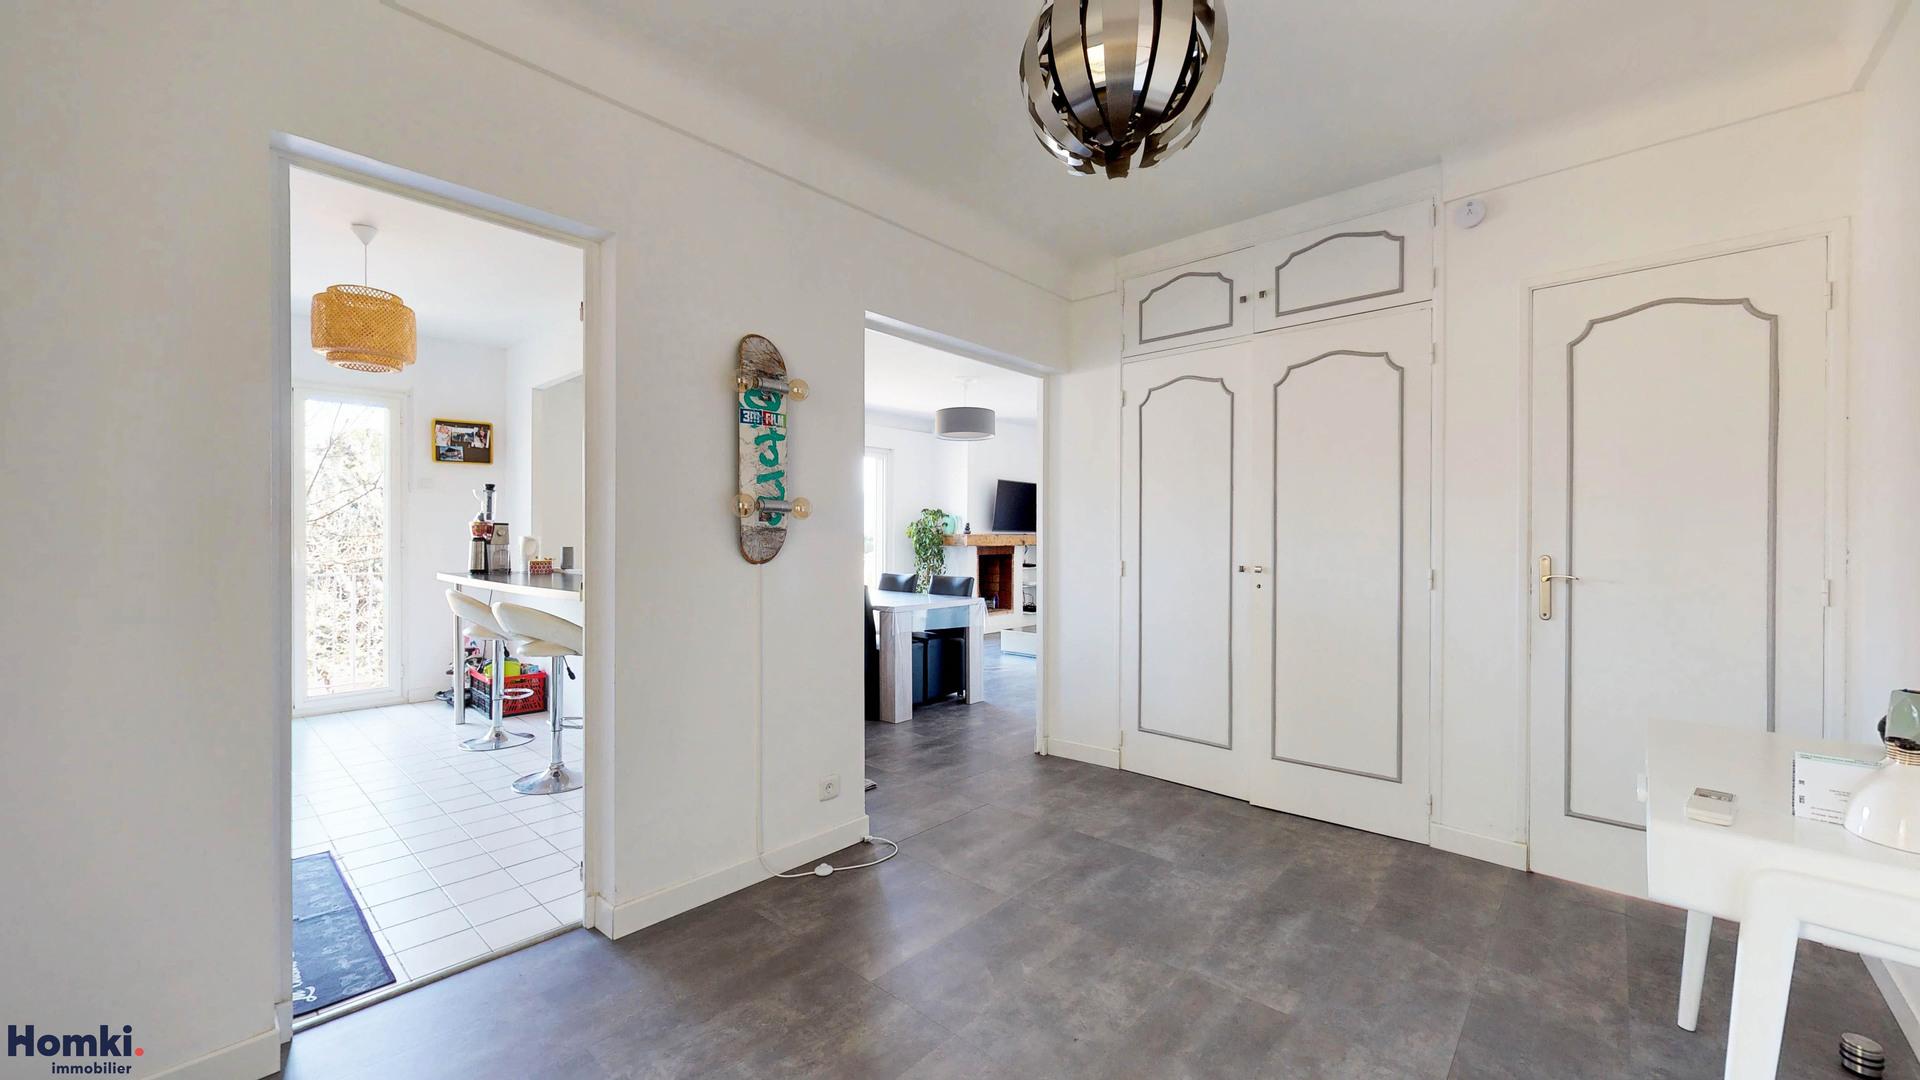 Vente Appartement 104 m² T4 13400 Aubagne_11